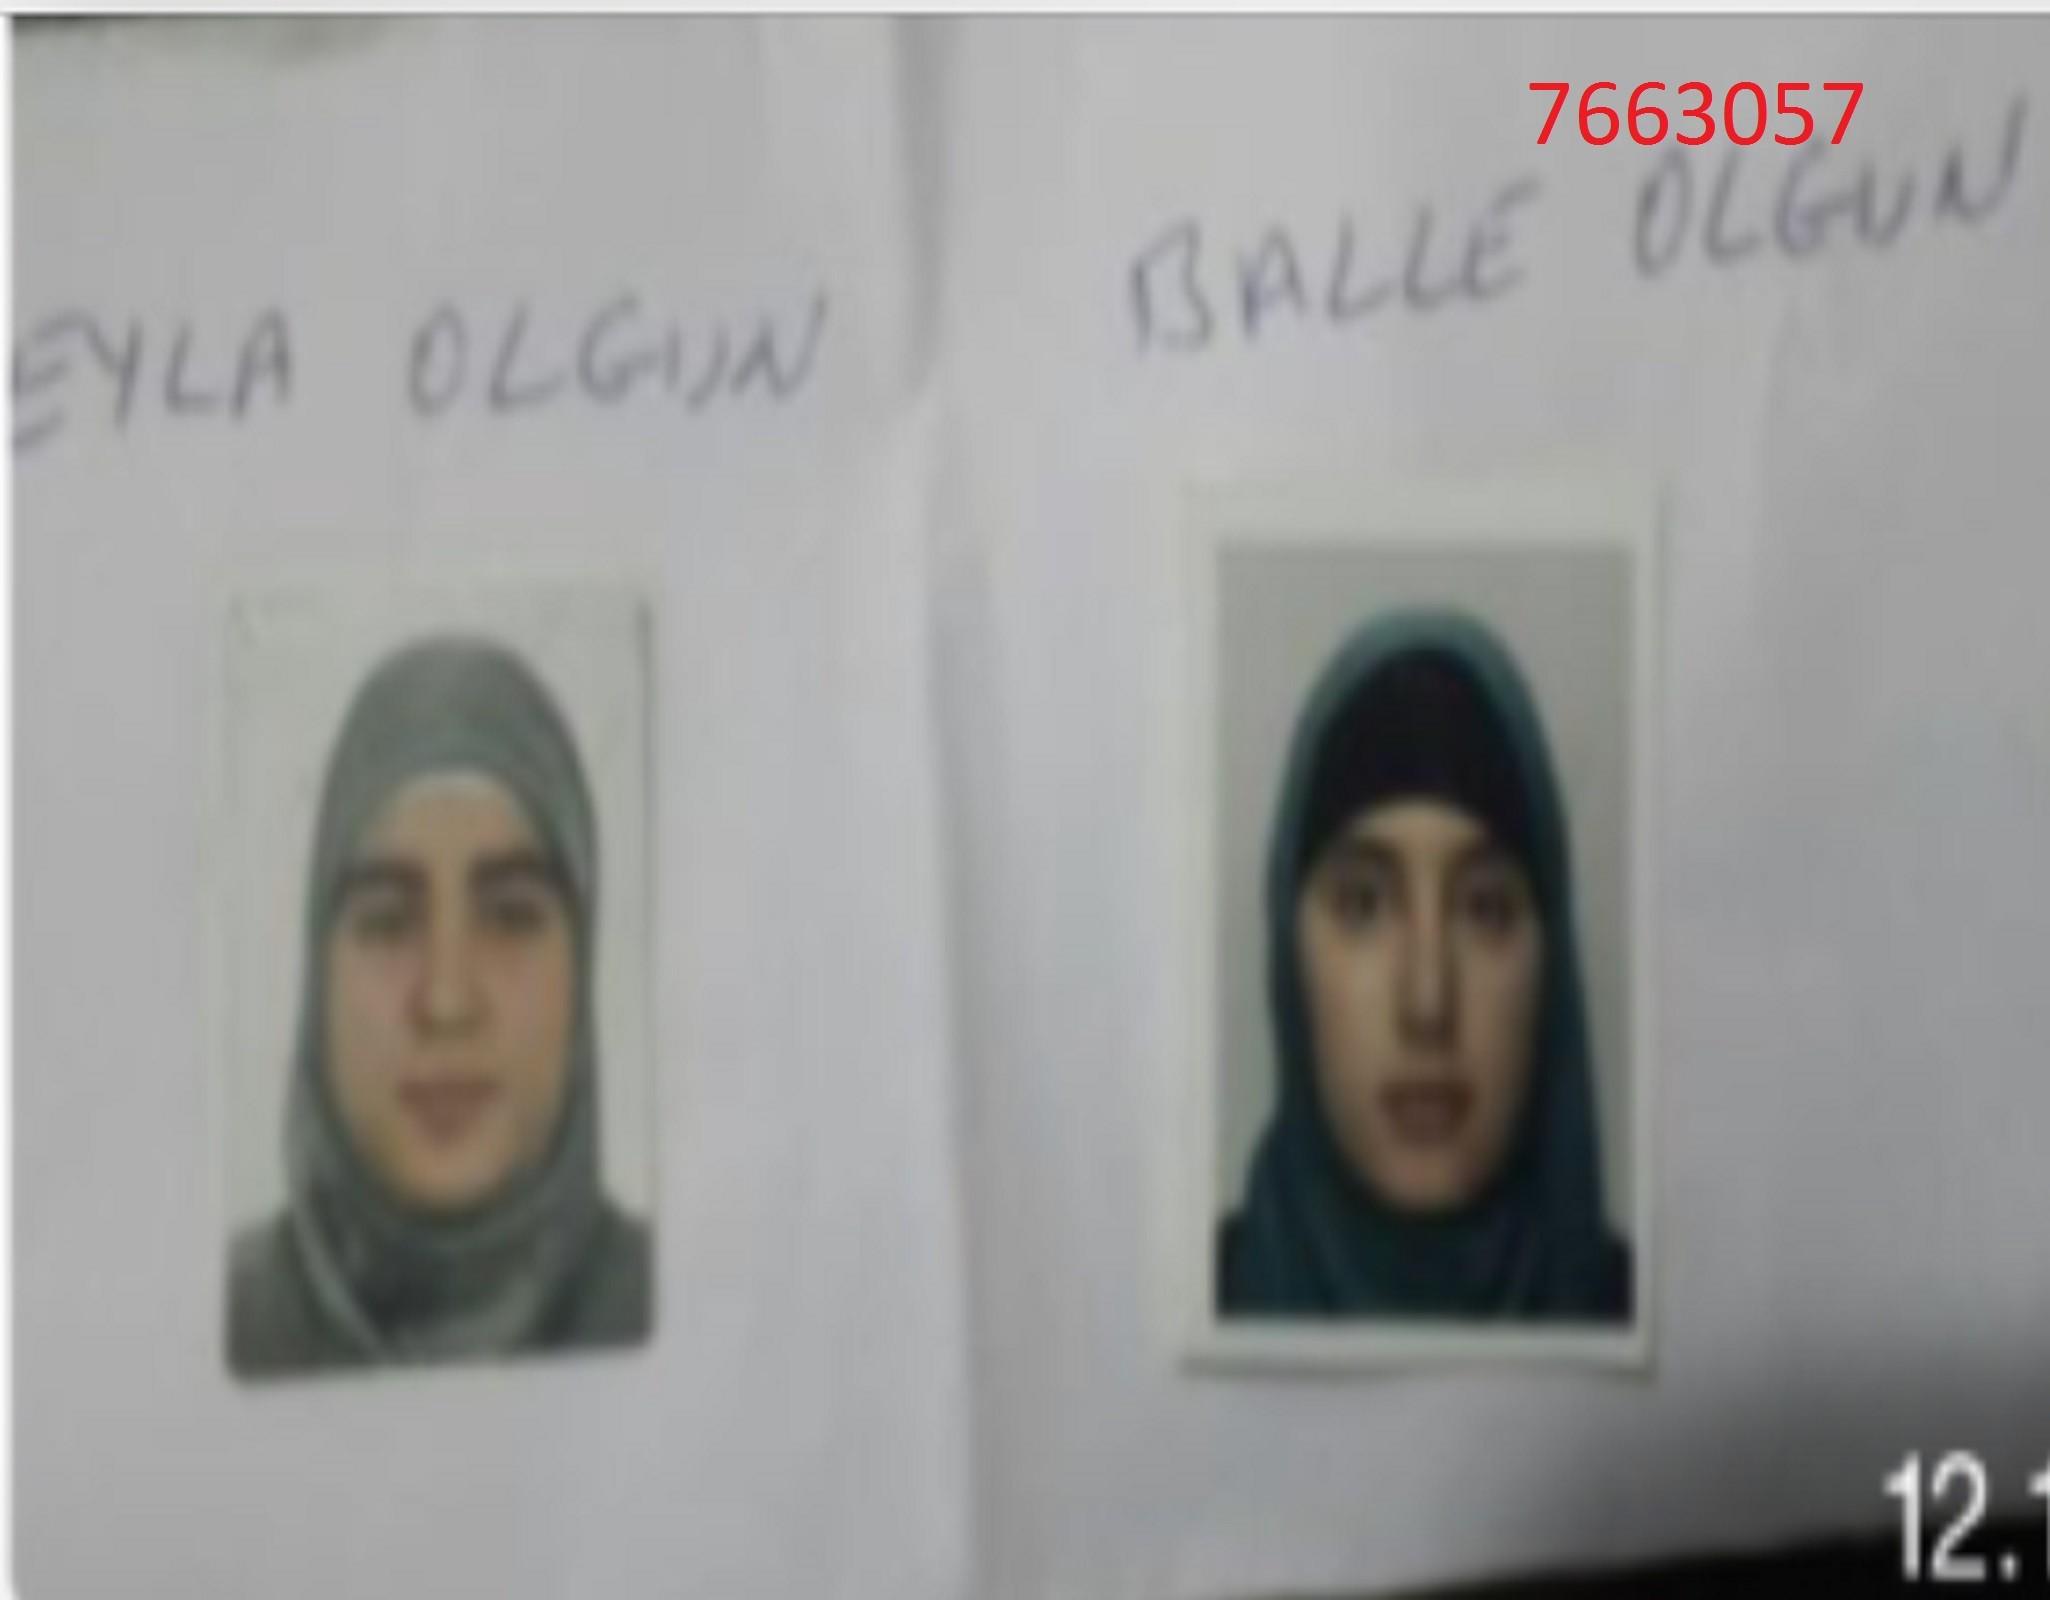 Kayıp kardeşler terör örgütü Daeş'e mi katıldı?